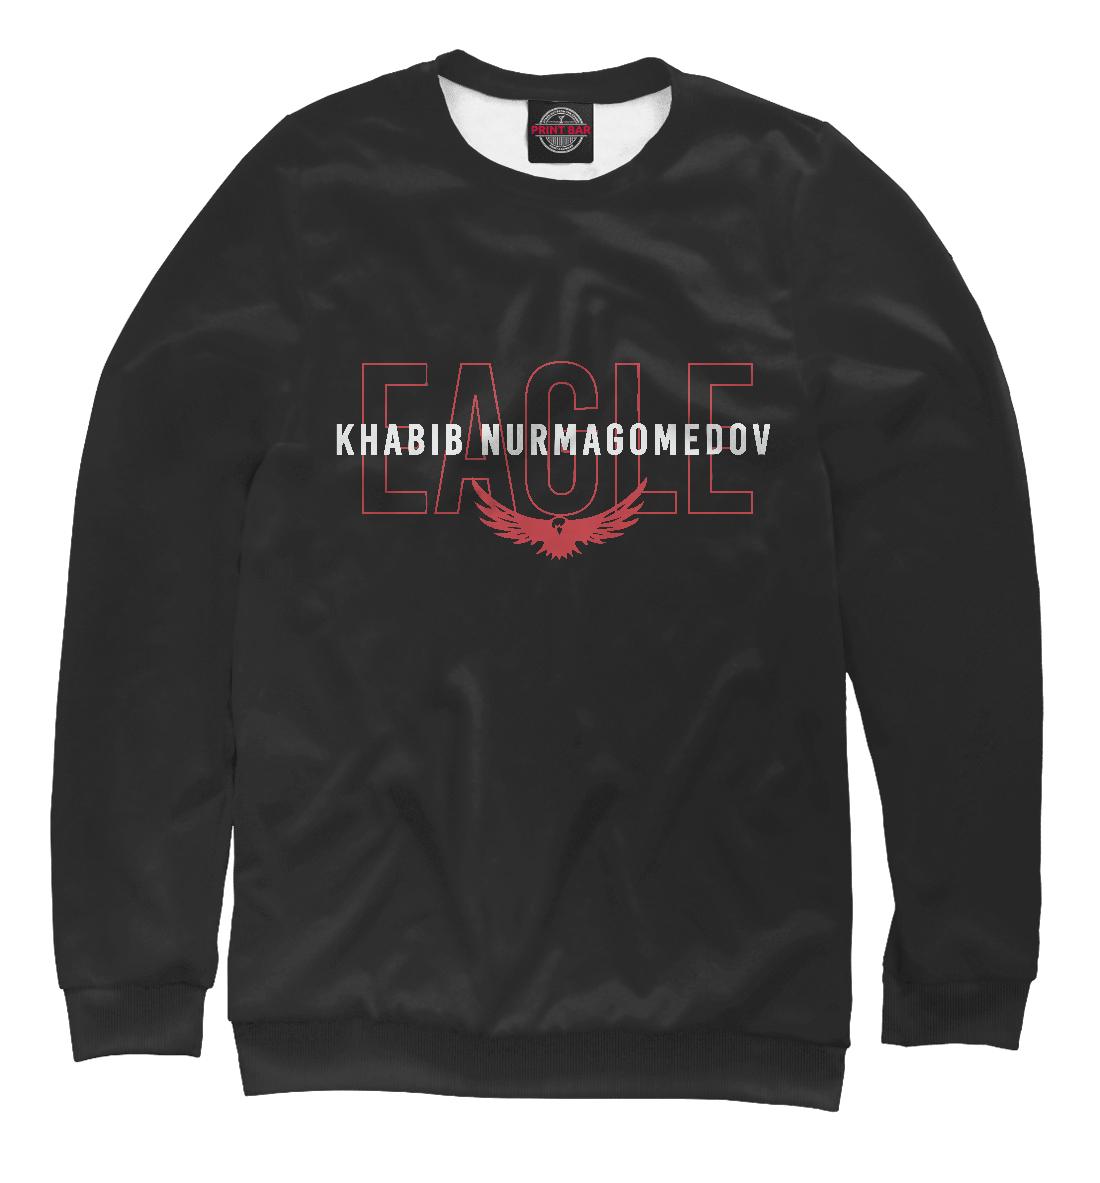 Купить Хабиб Нурмагомедов, Printbar, Свитшоты, NUR-355569-swi-1